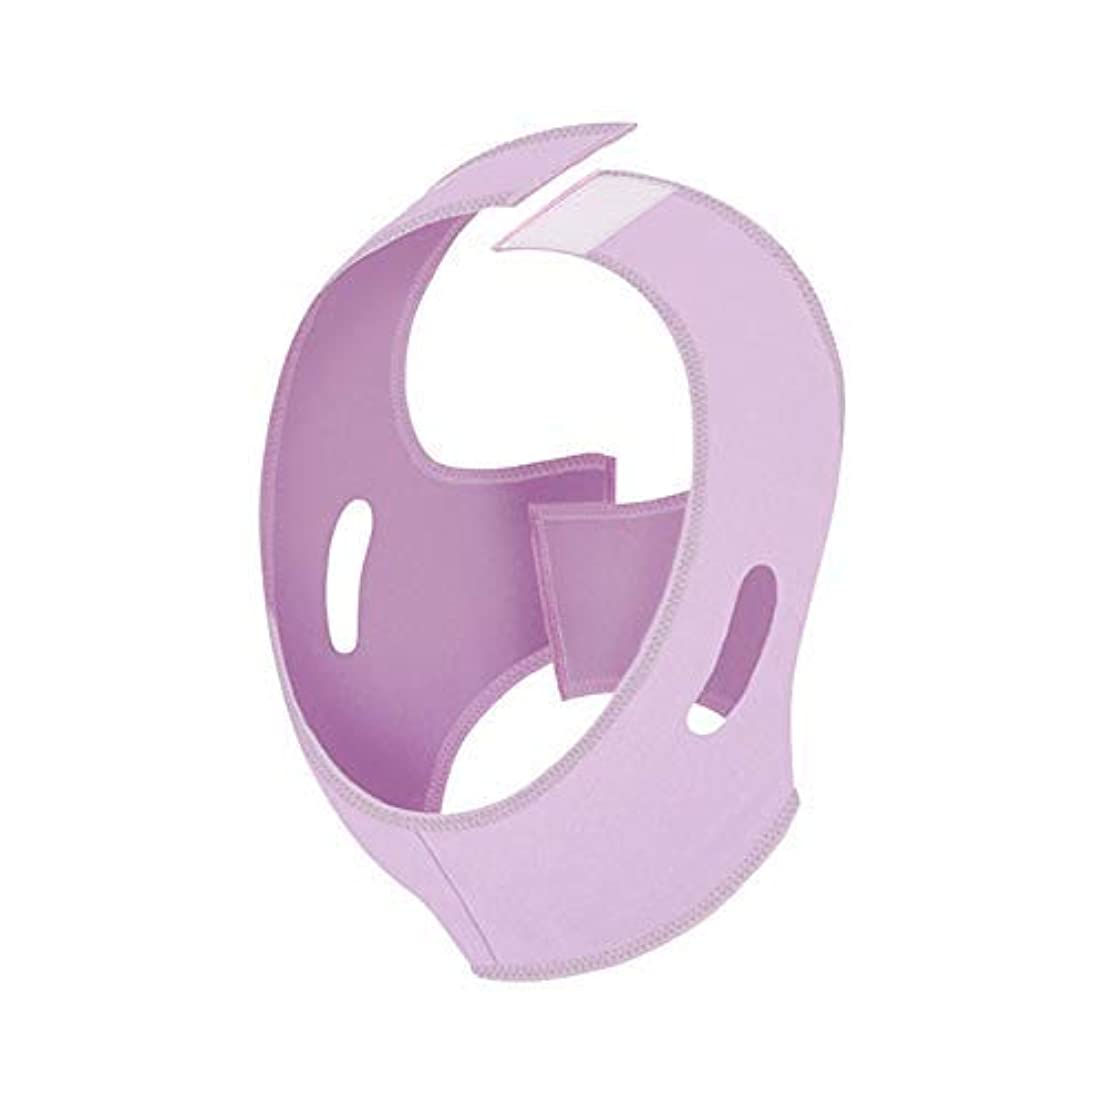 ピストン広々宿るフェイシャルマスク、フェイスリフティングアーティファクトフェイスマスク垂れ下がり面付きVフェイス包帯通気性スリーピングフェイスダブルチンチンセット睡眠弾性スリムベルト